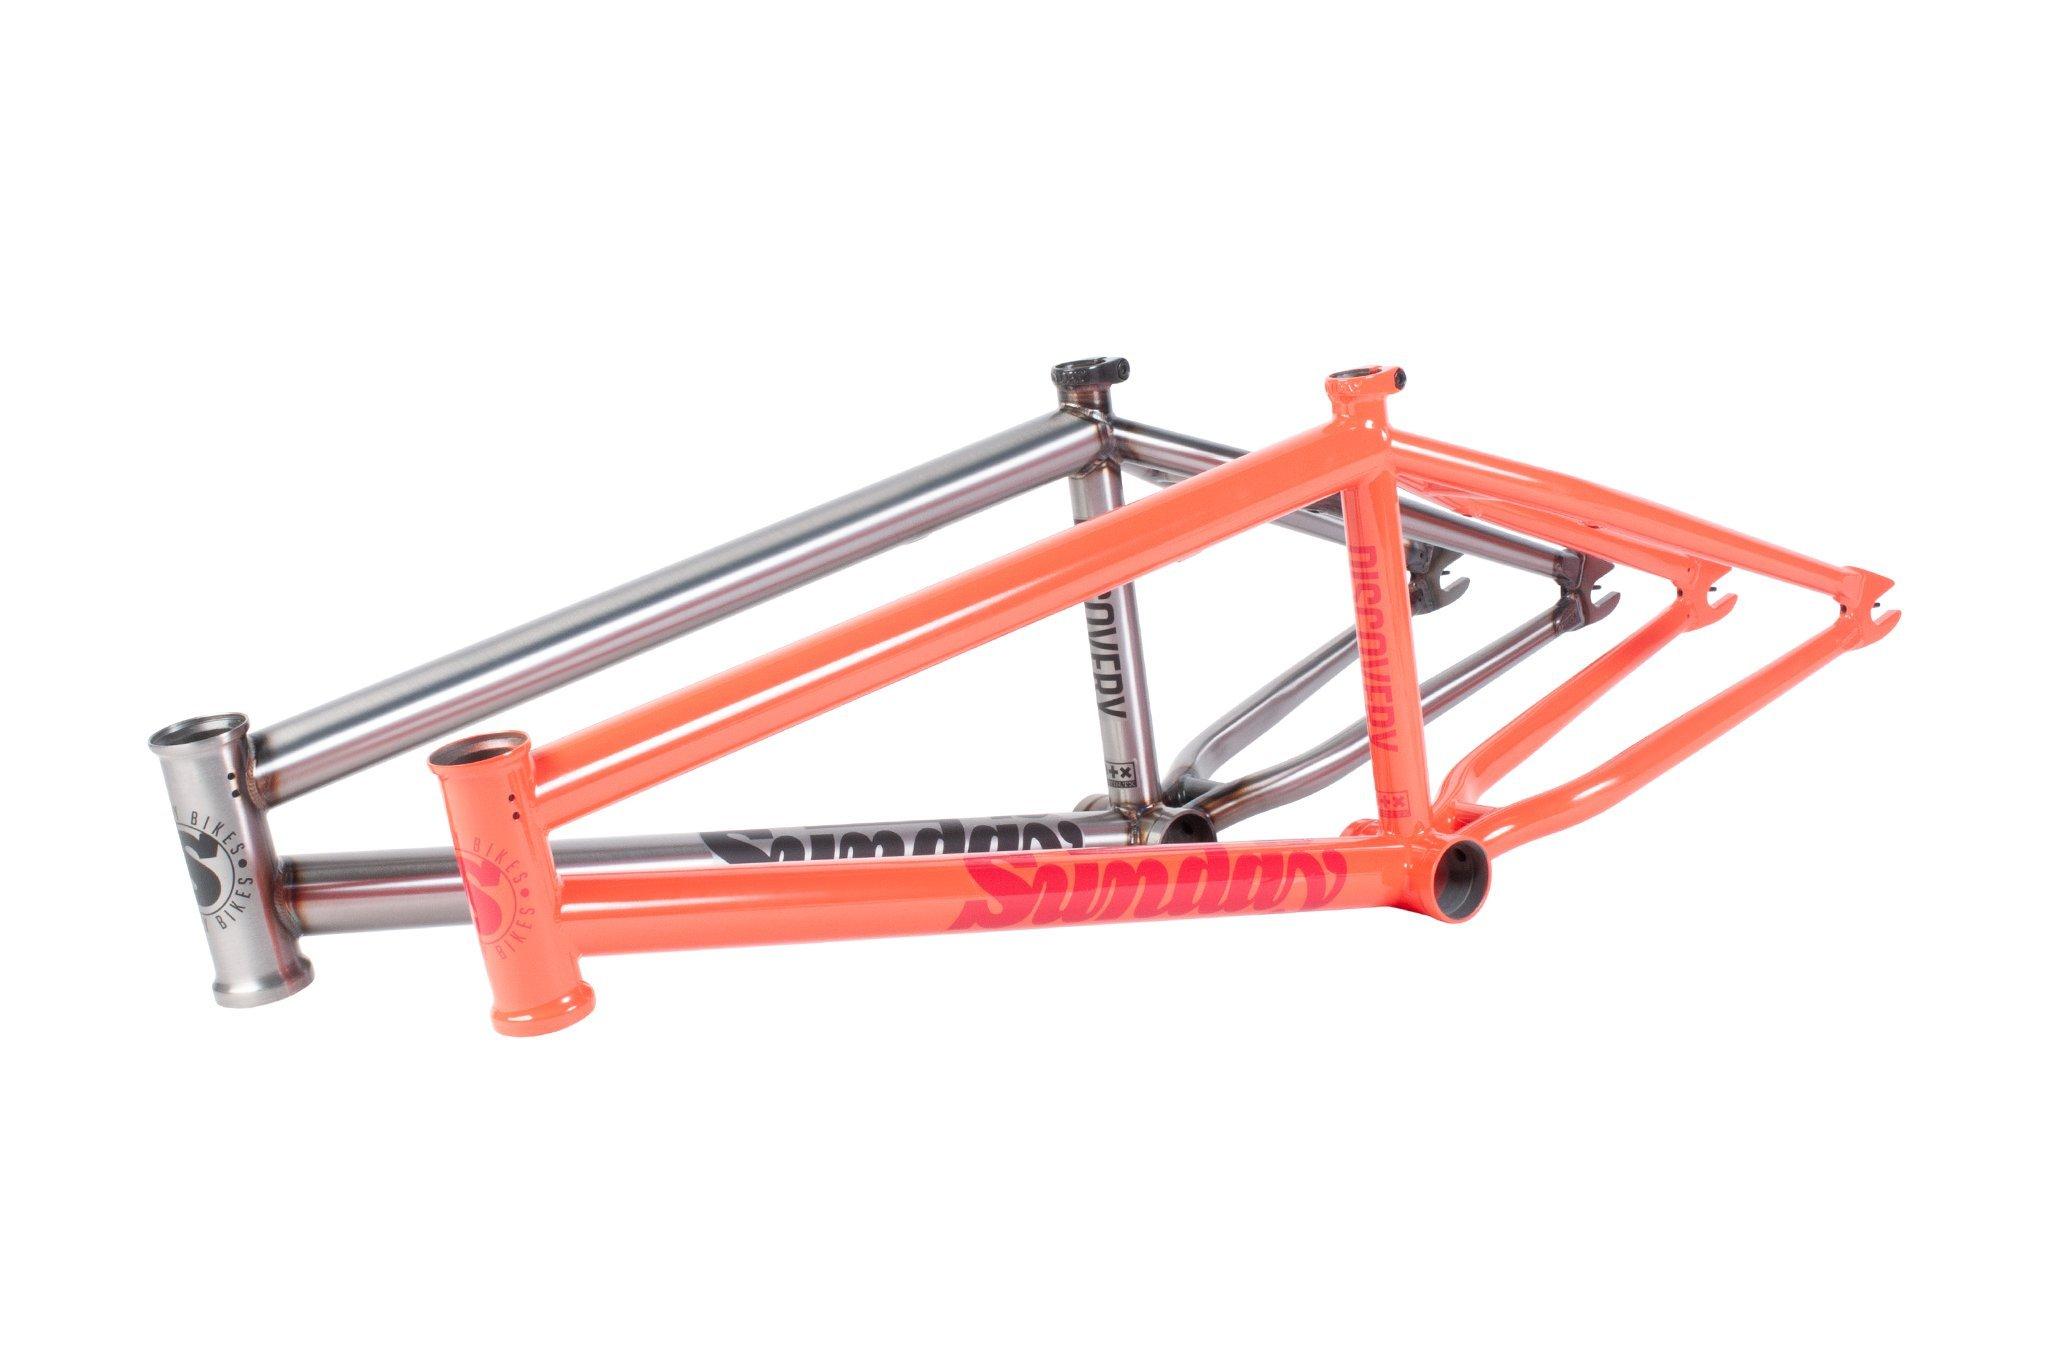 """Sunday Bikes Discovery Frame in Gloss Bright Red oder Matte Raw; Oberrohrlänge: 20,75'' oder 21'' Steuerkopfwinkel: 75° Sattelrohrwinkel: 71° Kettenstrebenlänge: 13,25–13,5"""" Tretlagerhöhe: 11,8"""" Standover: 9"""" Steuerrohrlänge: 5"""" Gewicht: 2,27 kg passend für Reifen mit 2,4'' Breite"""